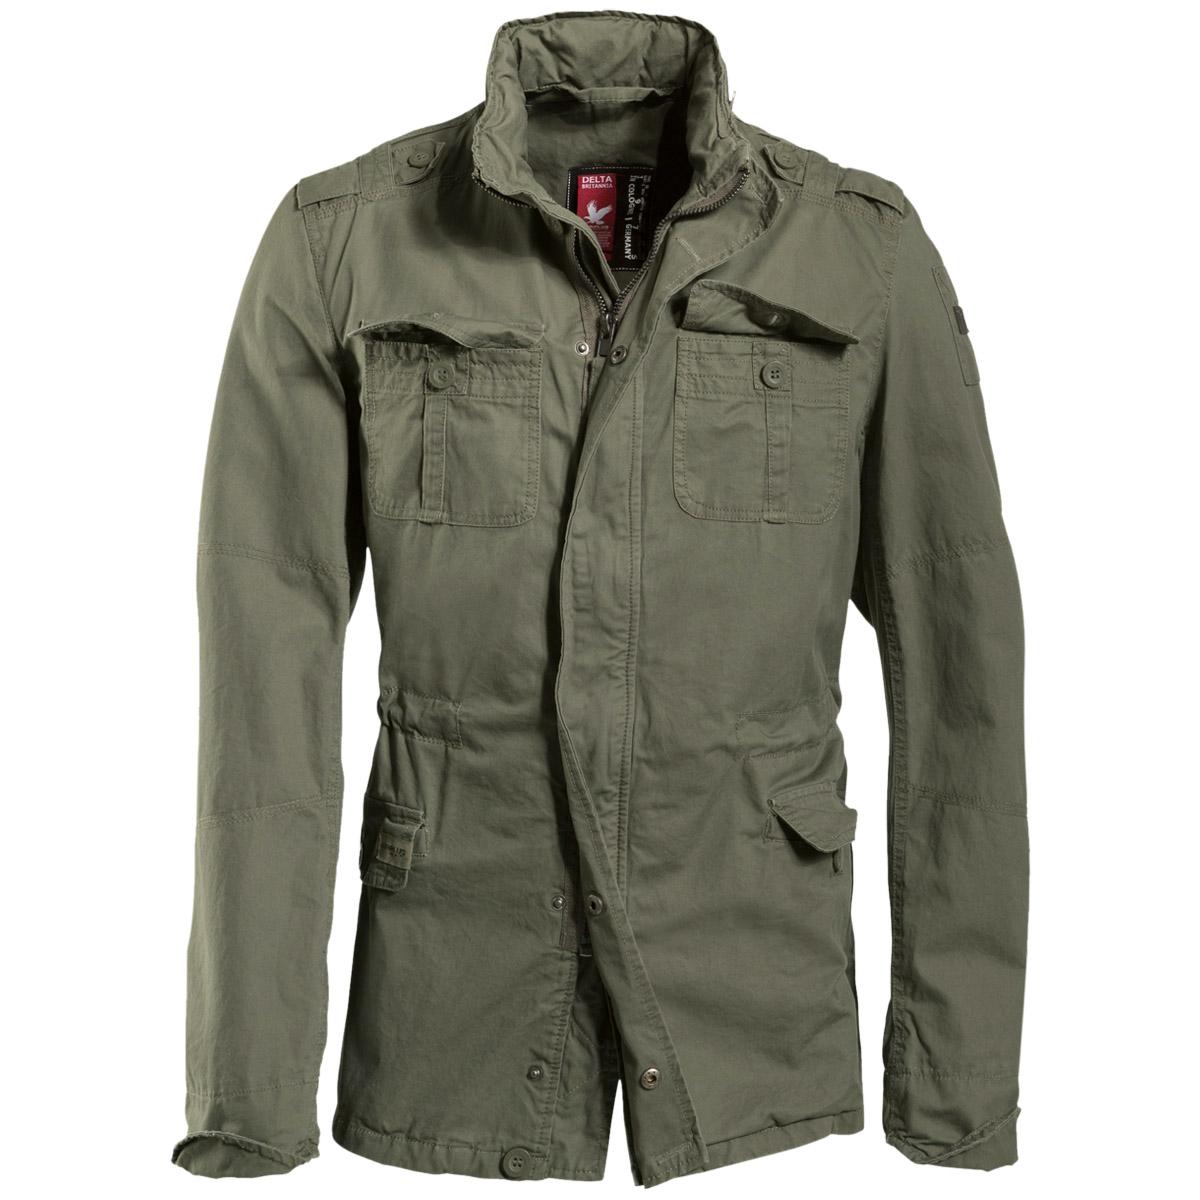 Parka Military Jacket